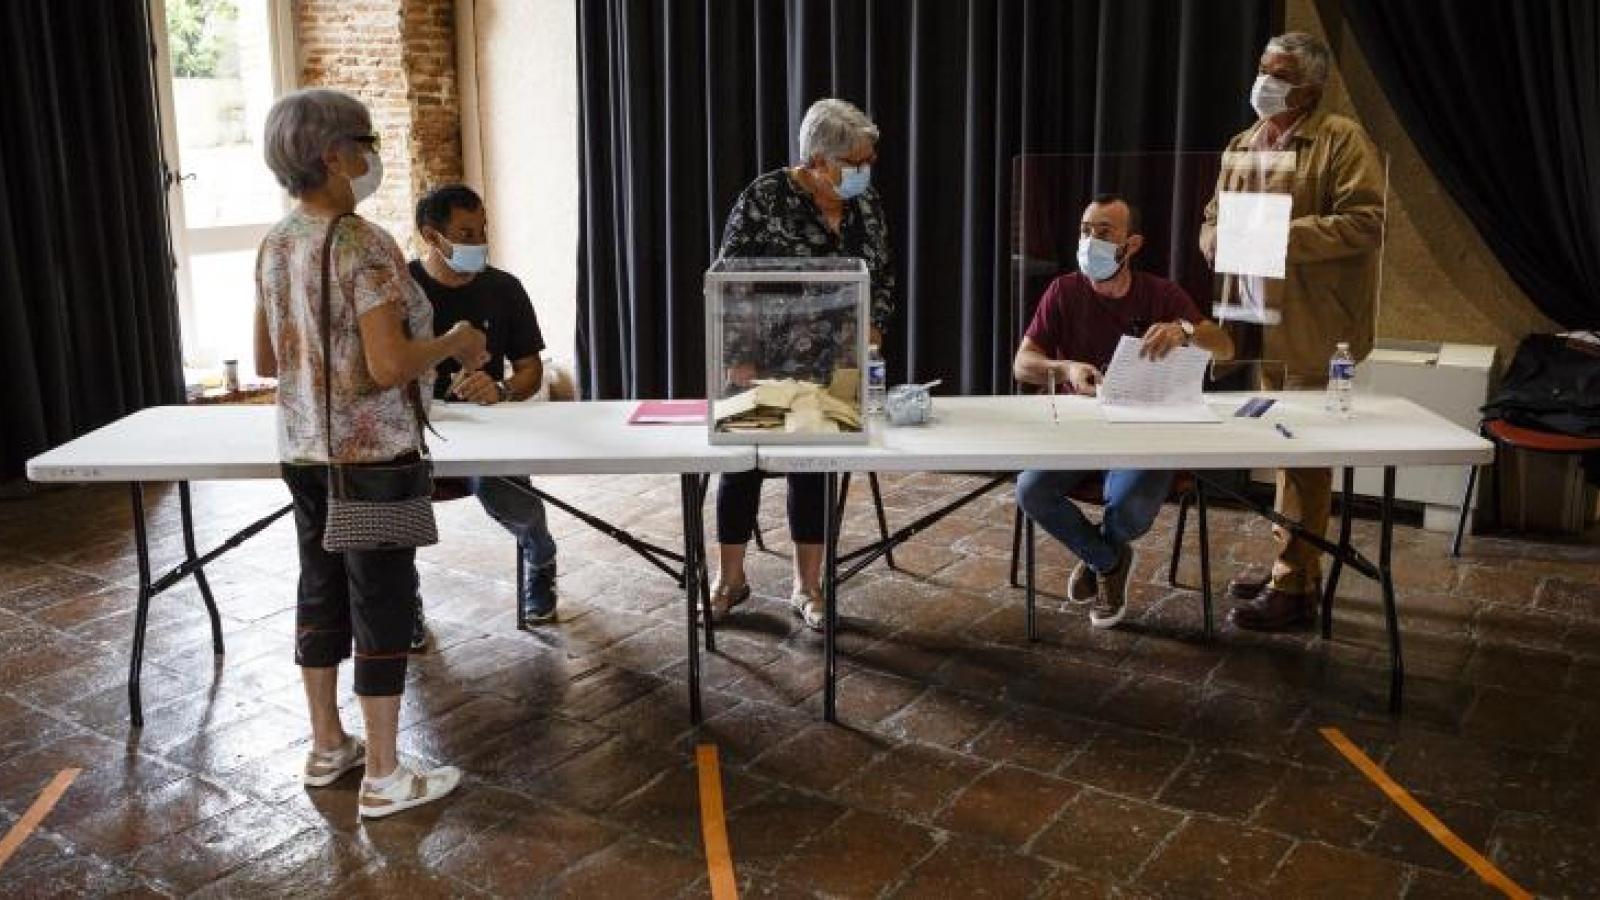 Khoảng 33 triệu cử tri Pháp không đi bỏ phiếu bầu cử cấp vùng và tỉnh